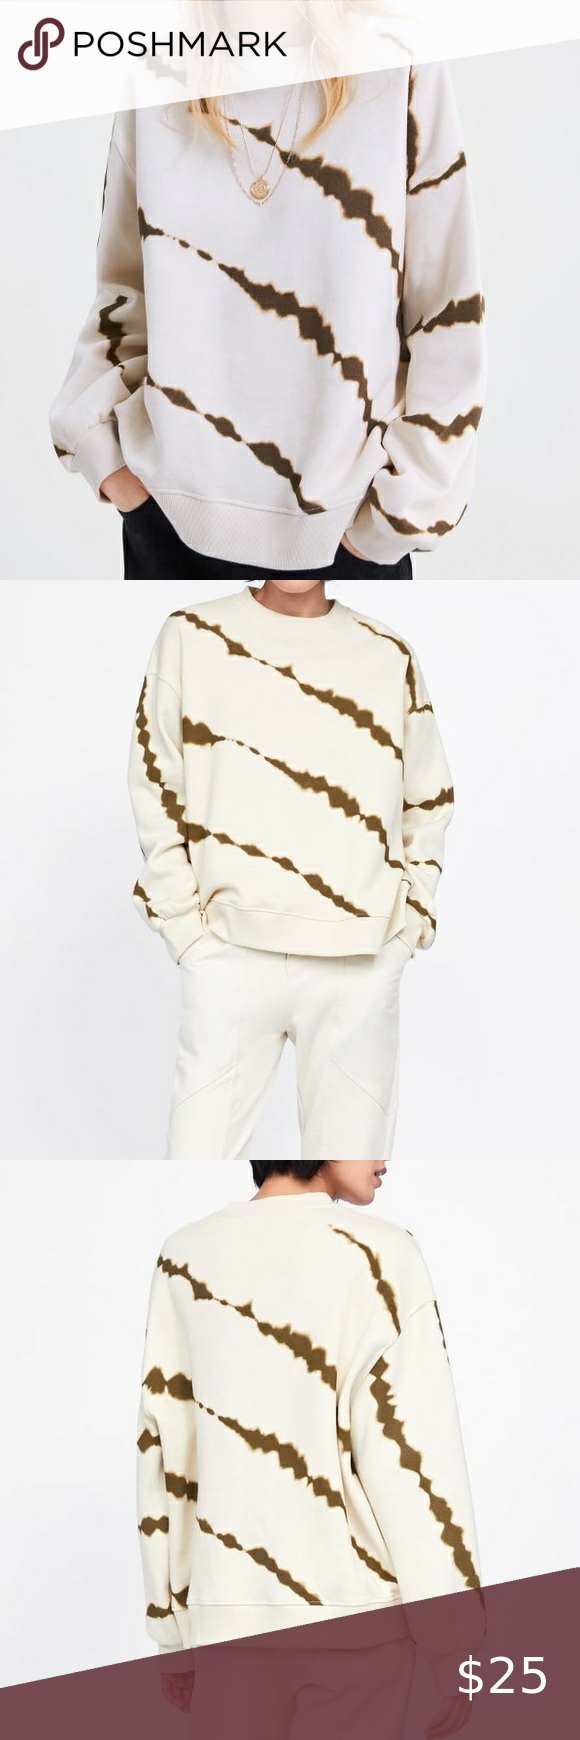 Zara Tie Dyed Sweatshirt Tie Dye Sweatshirt Clothes Design Tie Dyed [ 1740 x 580 Pixel ]